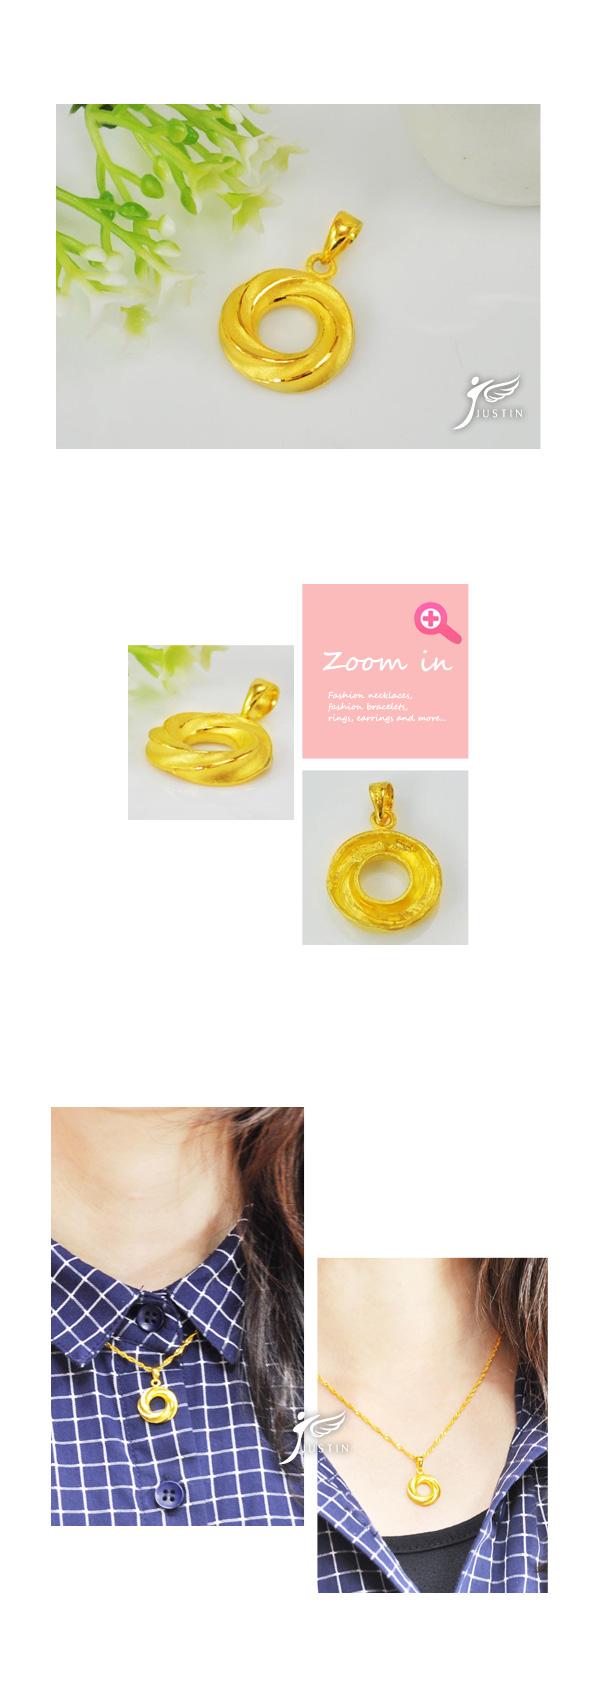 金緻品,金製品,黃金價格,金飾,金飾價格,黃金飾品,金飾店,純金,金飾品牌,黃金投資,黃金墜子,黃金墜飾,甜蜜圓舞曲